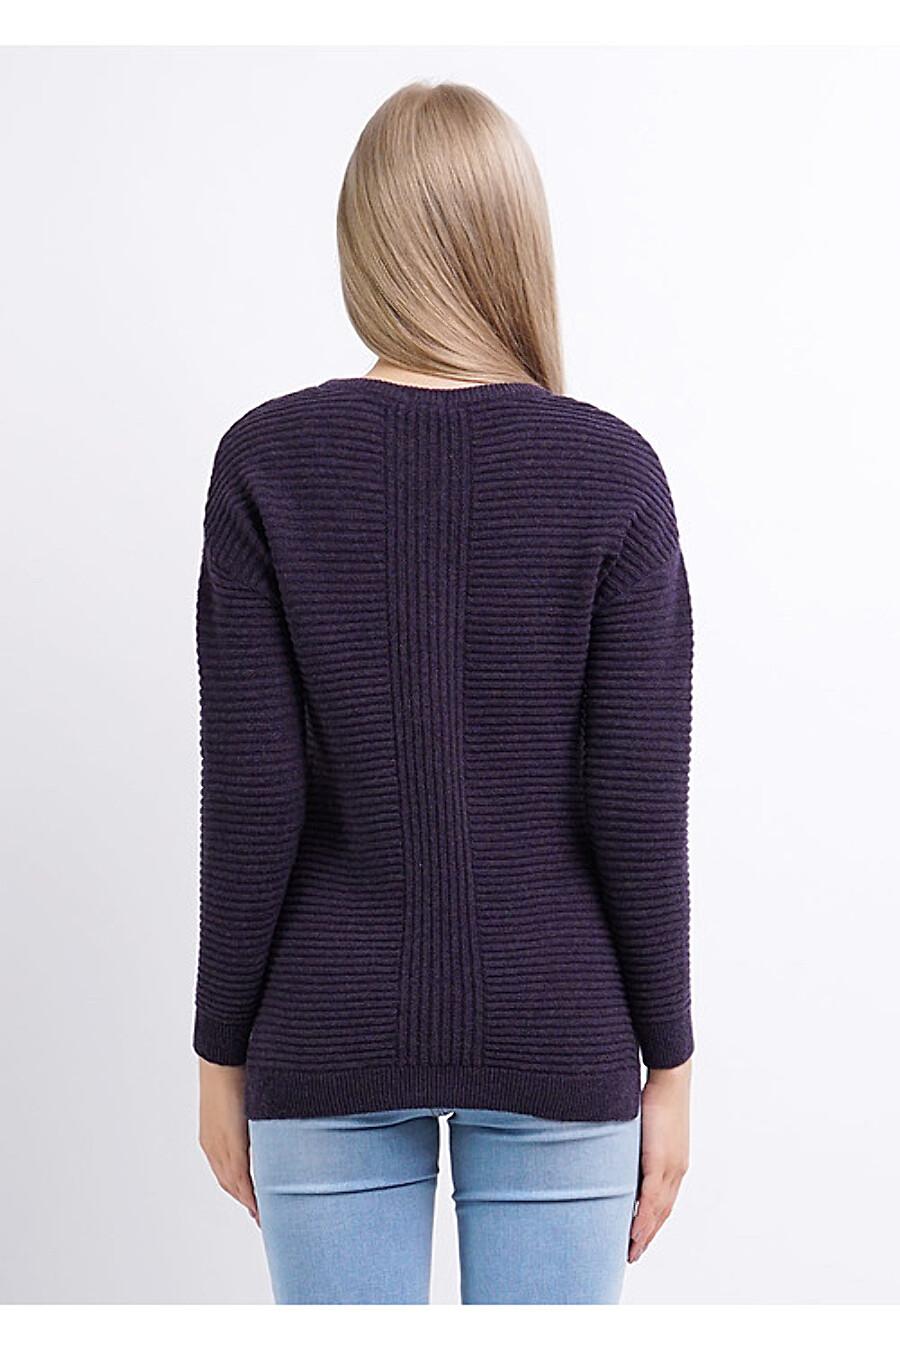 Джемпер для женщин CLEVER 155365 купить оптом от производителя. Совместная покупка женской одежды в OptMoyo